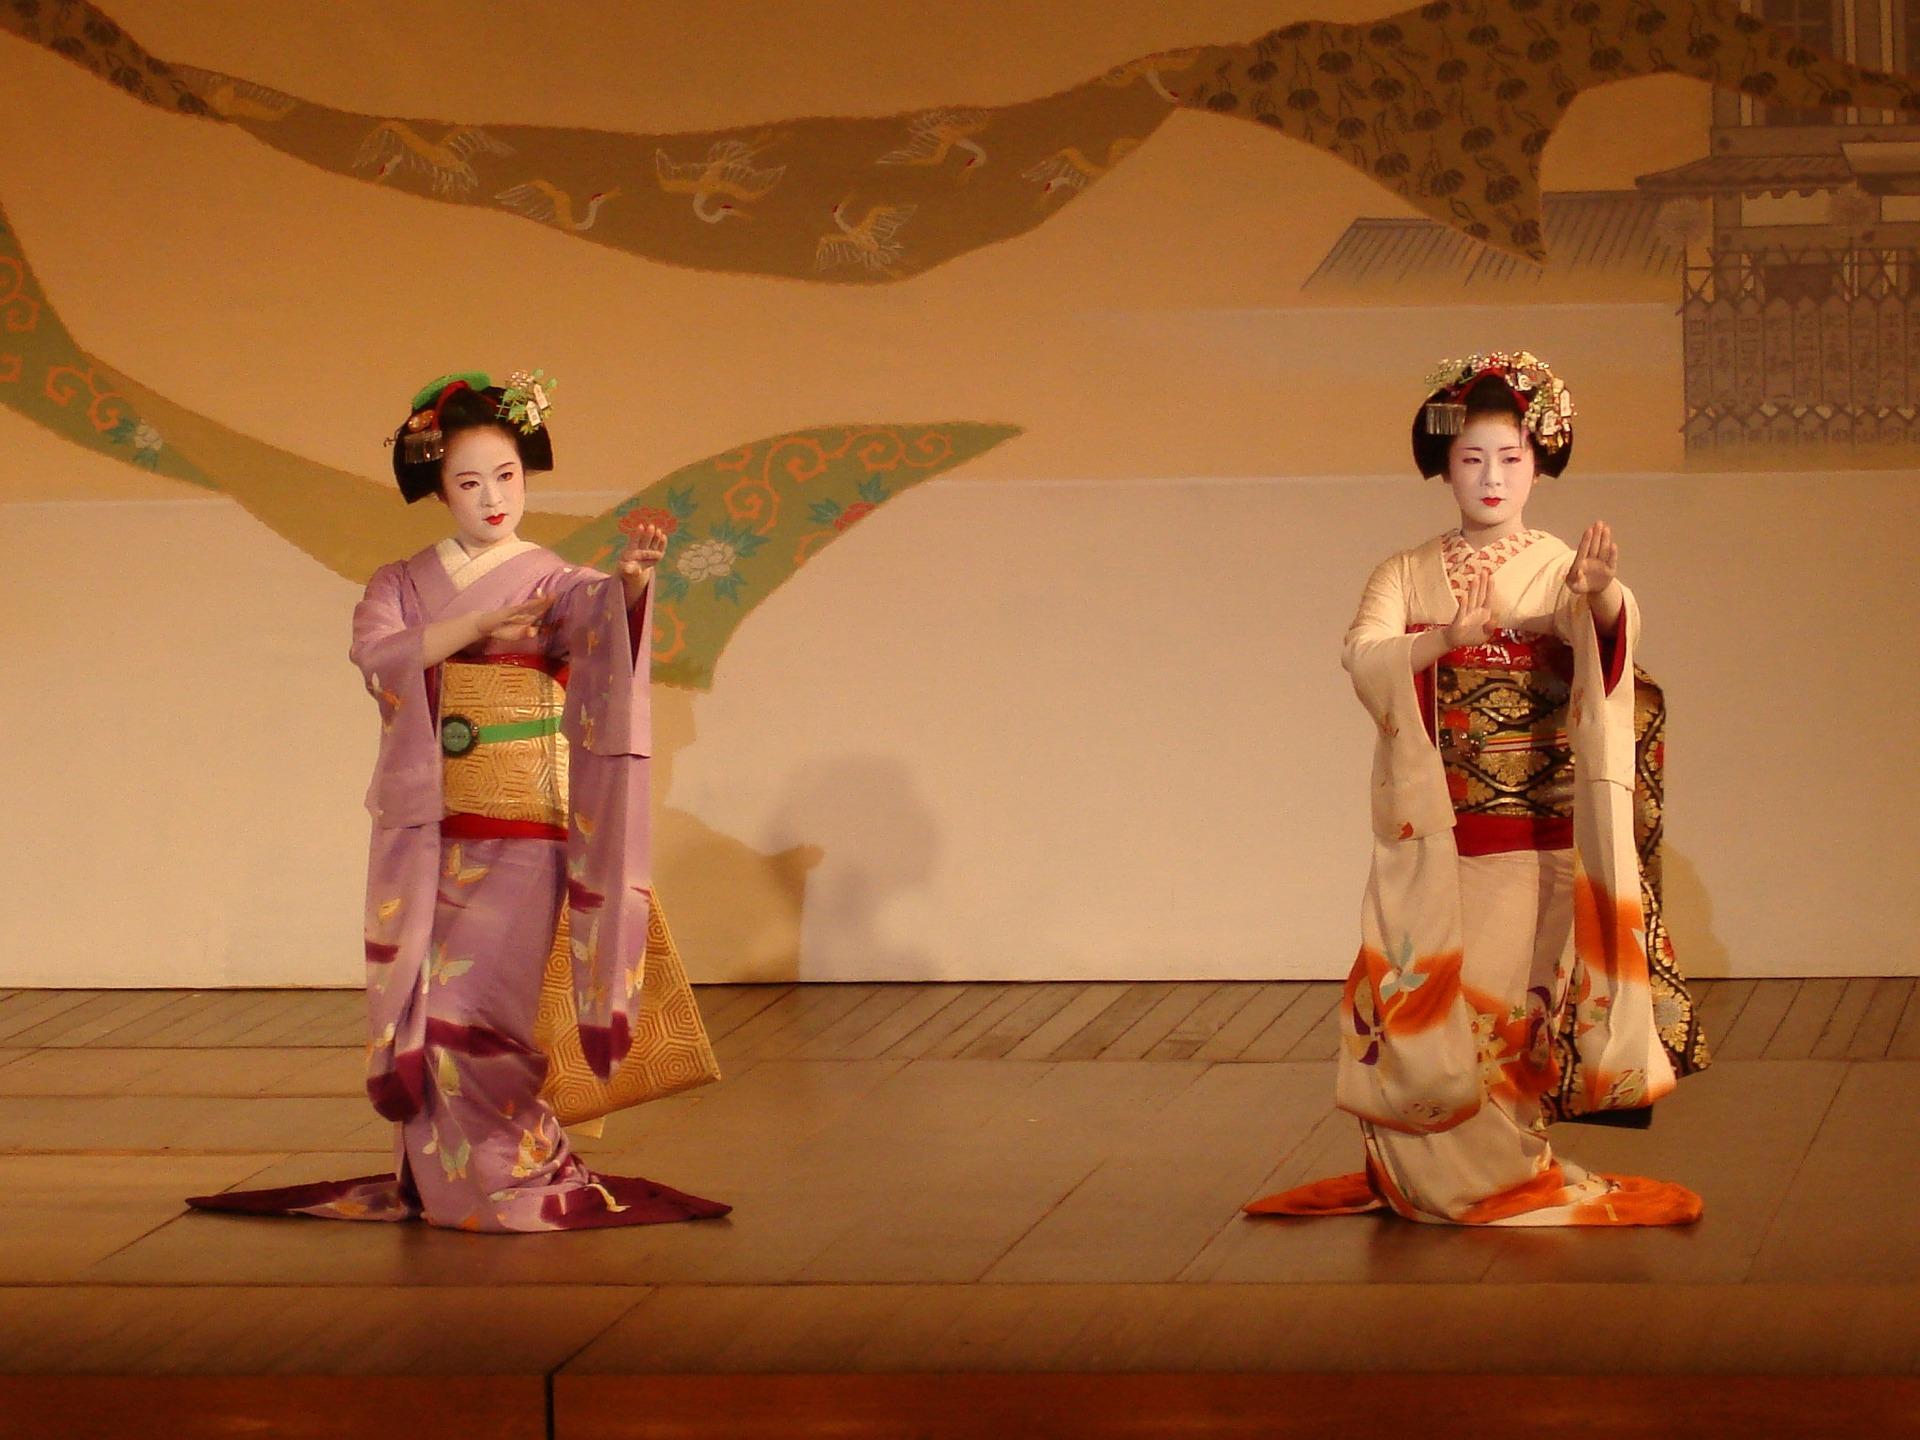 Geisha 830918 1920